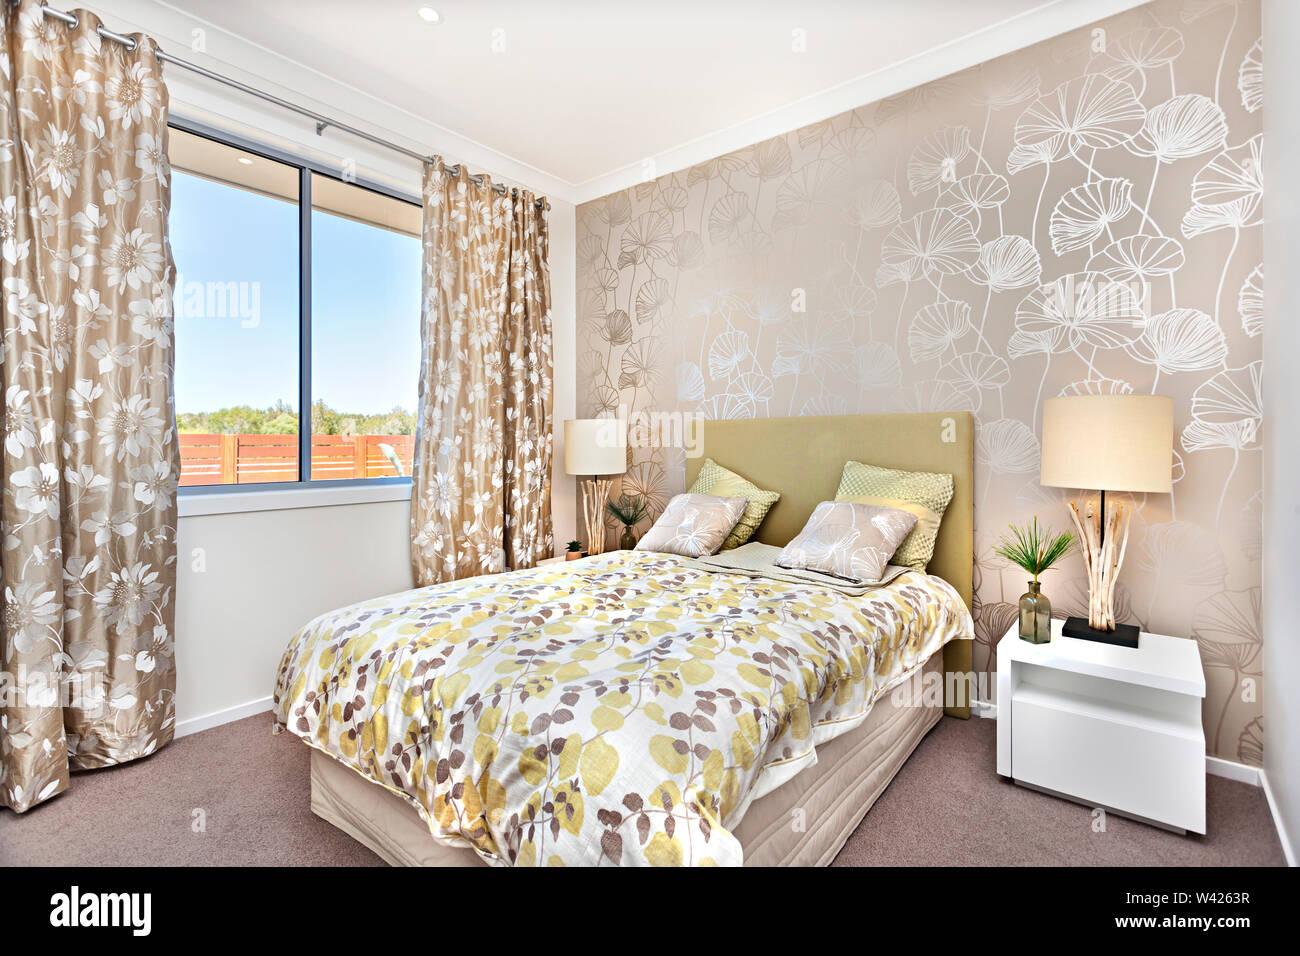 Letto di lusso è po' di altezza dal pavimento moquette e ha una luce di colore lenzuolo con foglie di vite e modelli, quattro colore grigio cuscini e giallo Immagini Stock